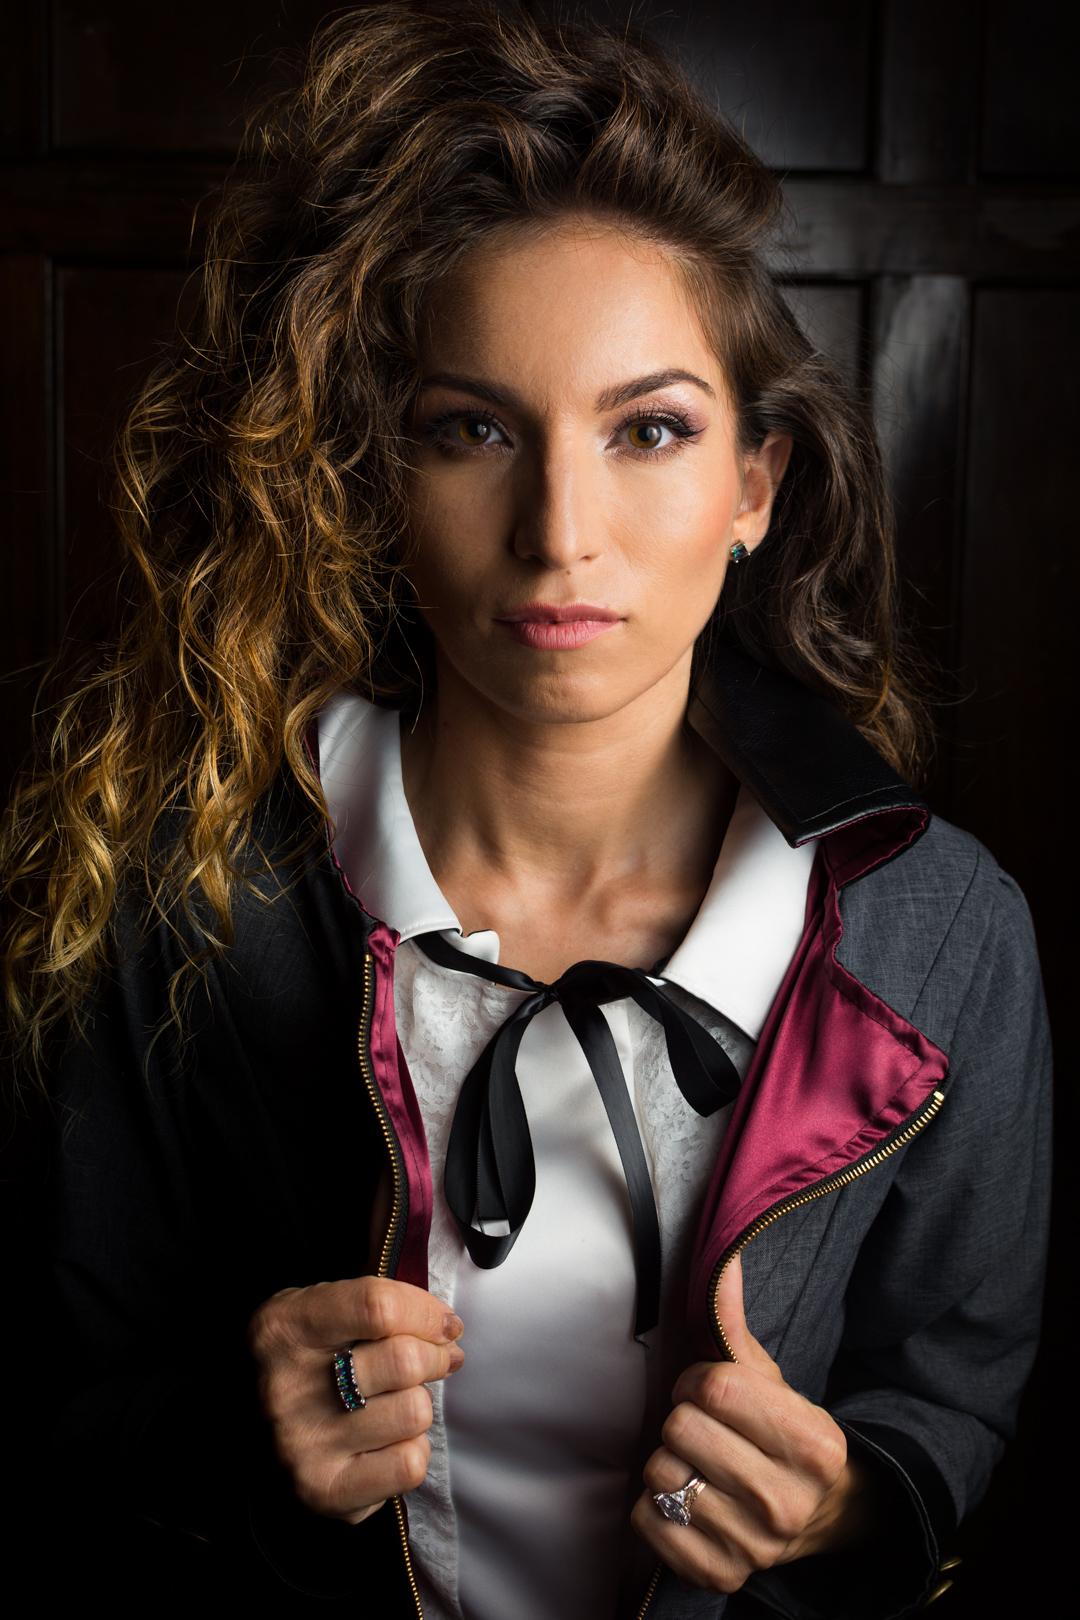 Model: Jennet Norman